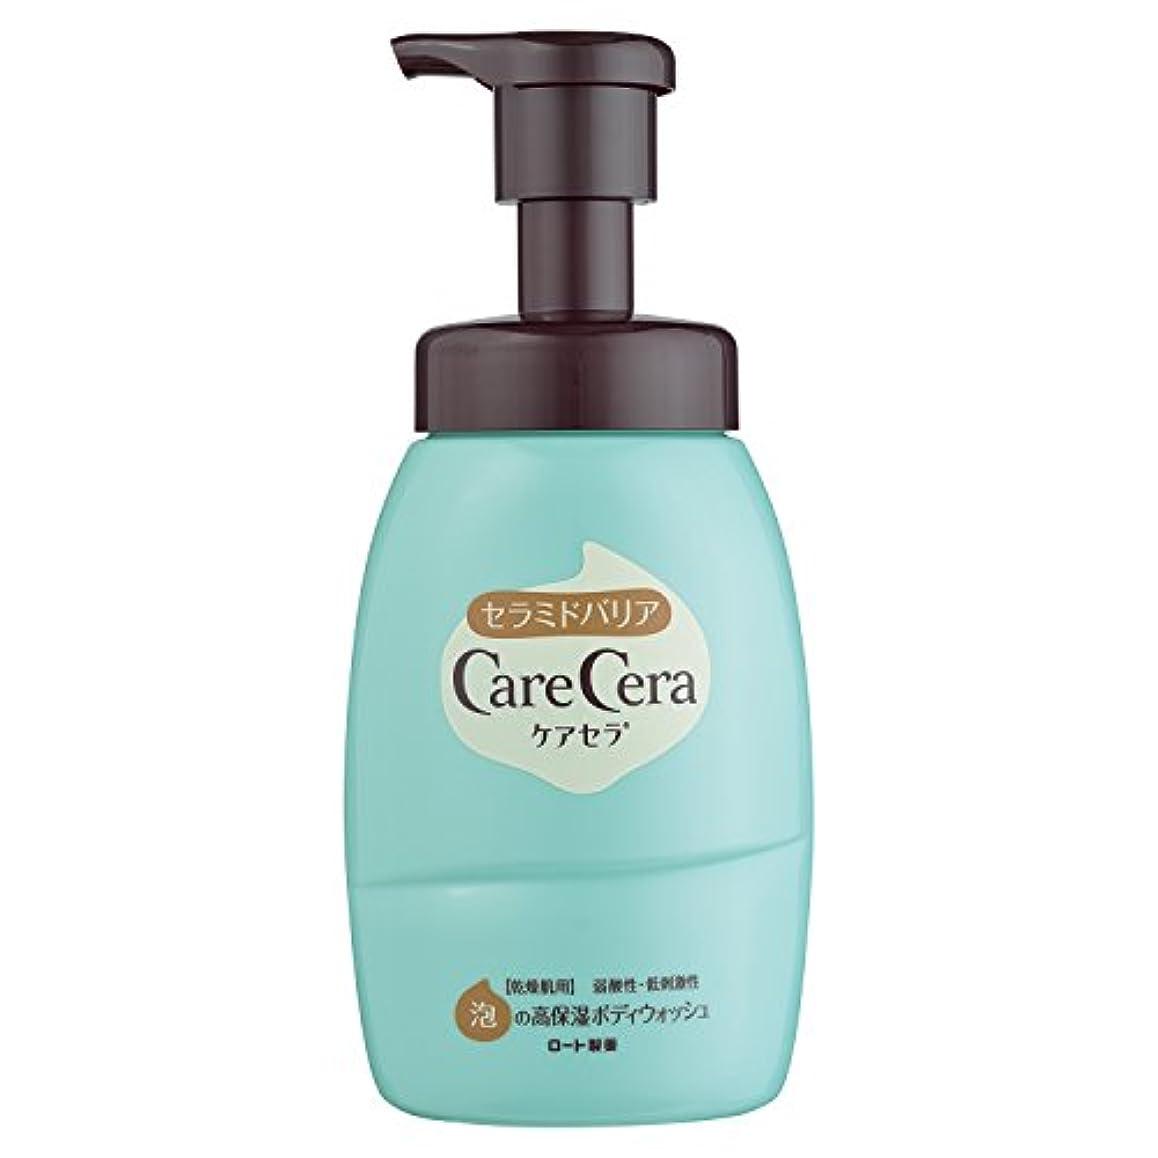 樹皮言い換えるとヒゲロート製薬 ケアセラ 天然型セラミド7種配合 セラミド濃度10倍泡の高保湿 全身ボディウォッシュ ピュアフローラルの香り 450mL